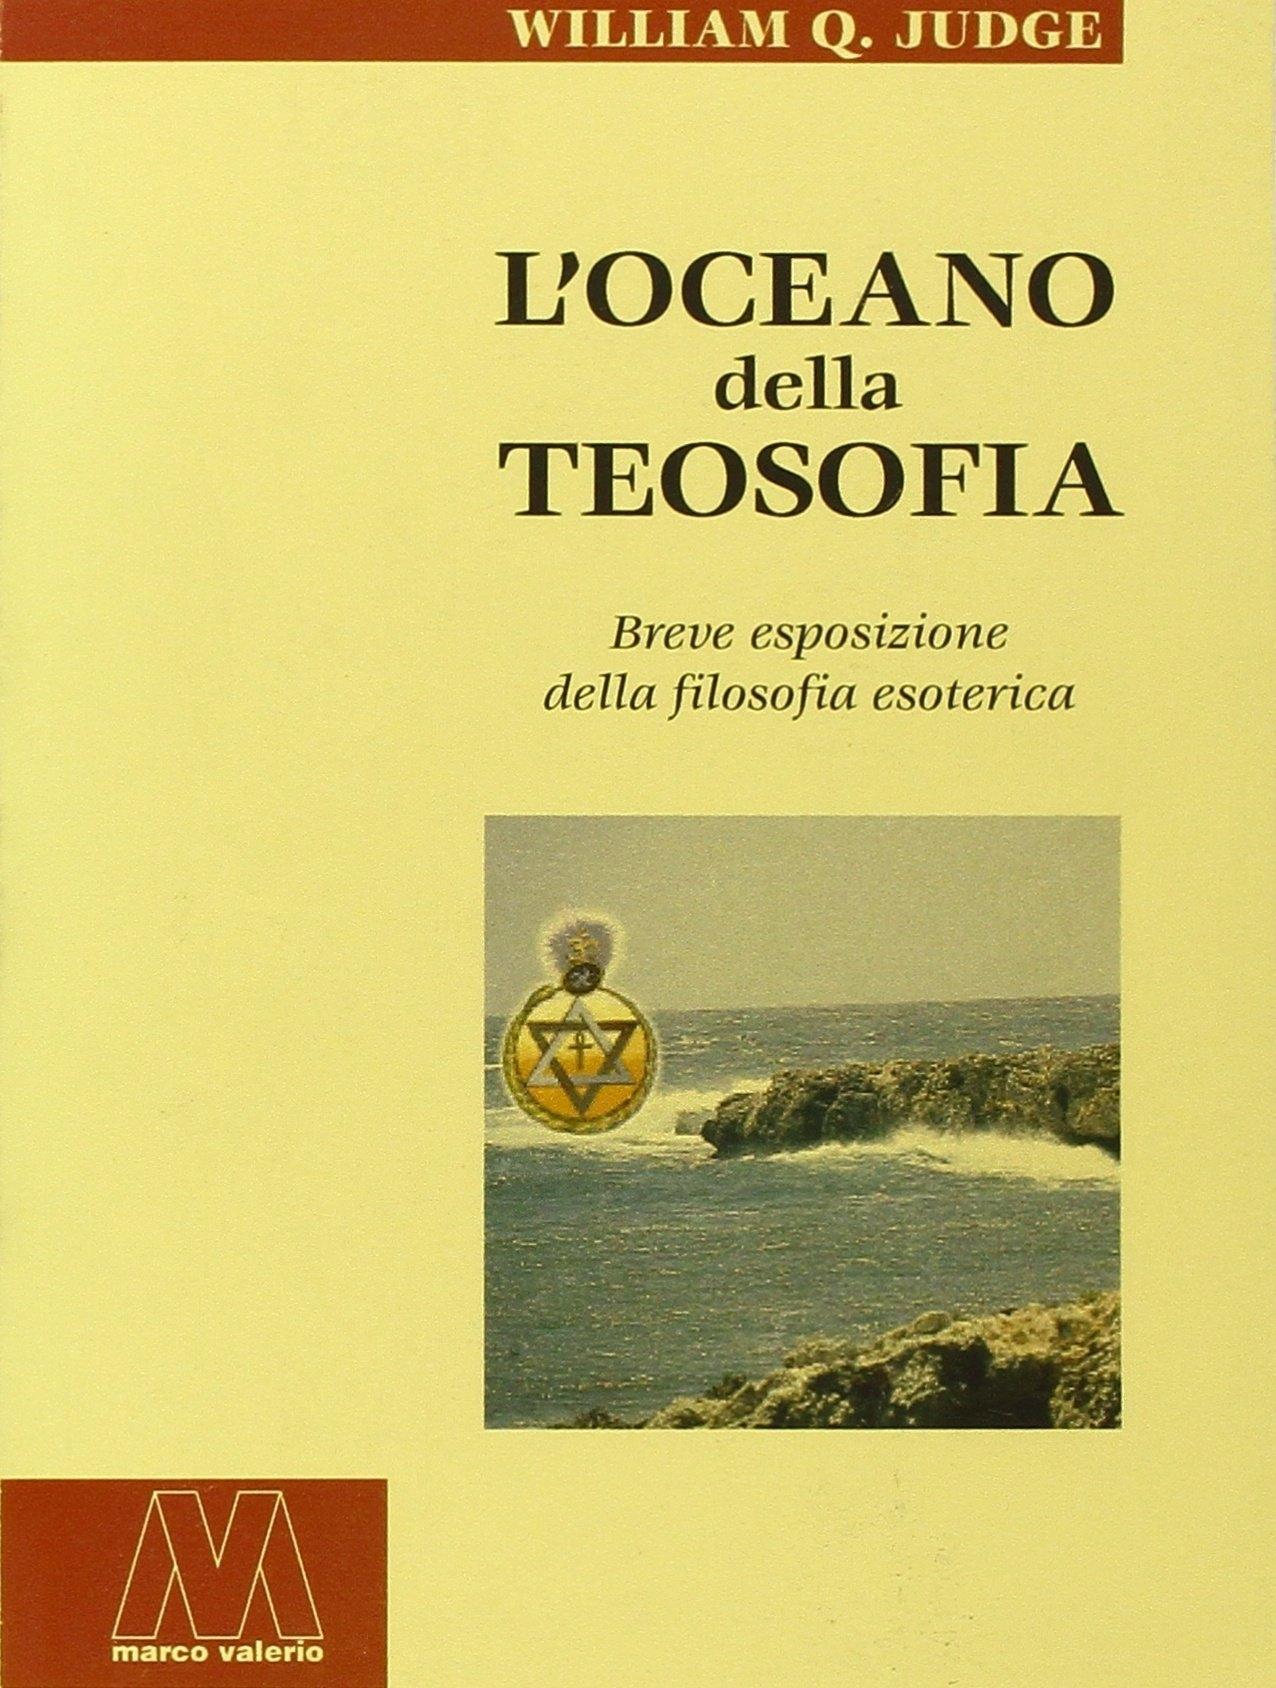 L'oceano della teosofia. Breve esposizione della filosofia esoterica